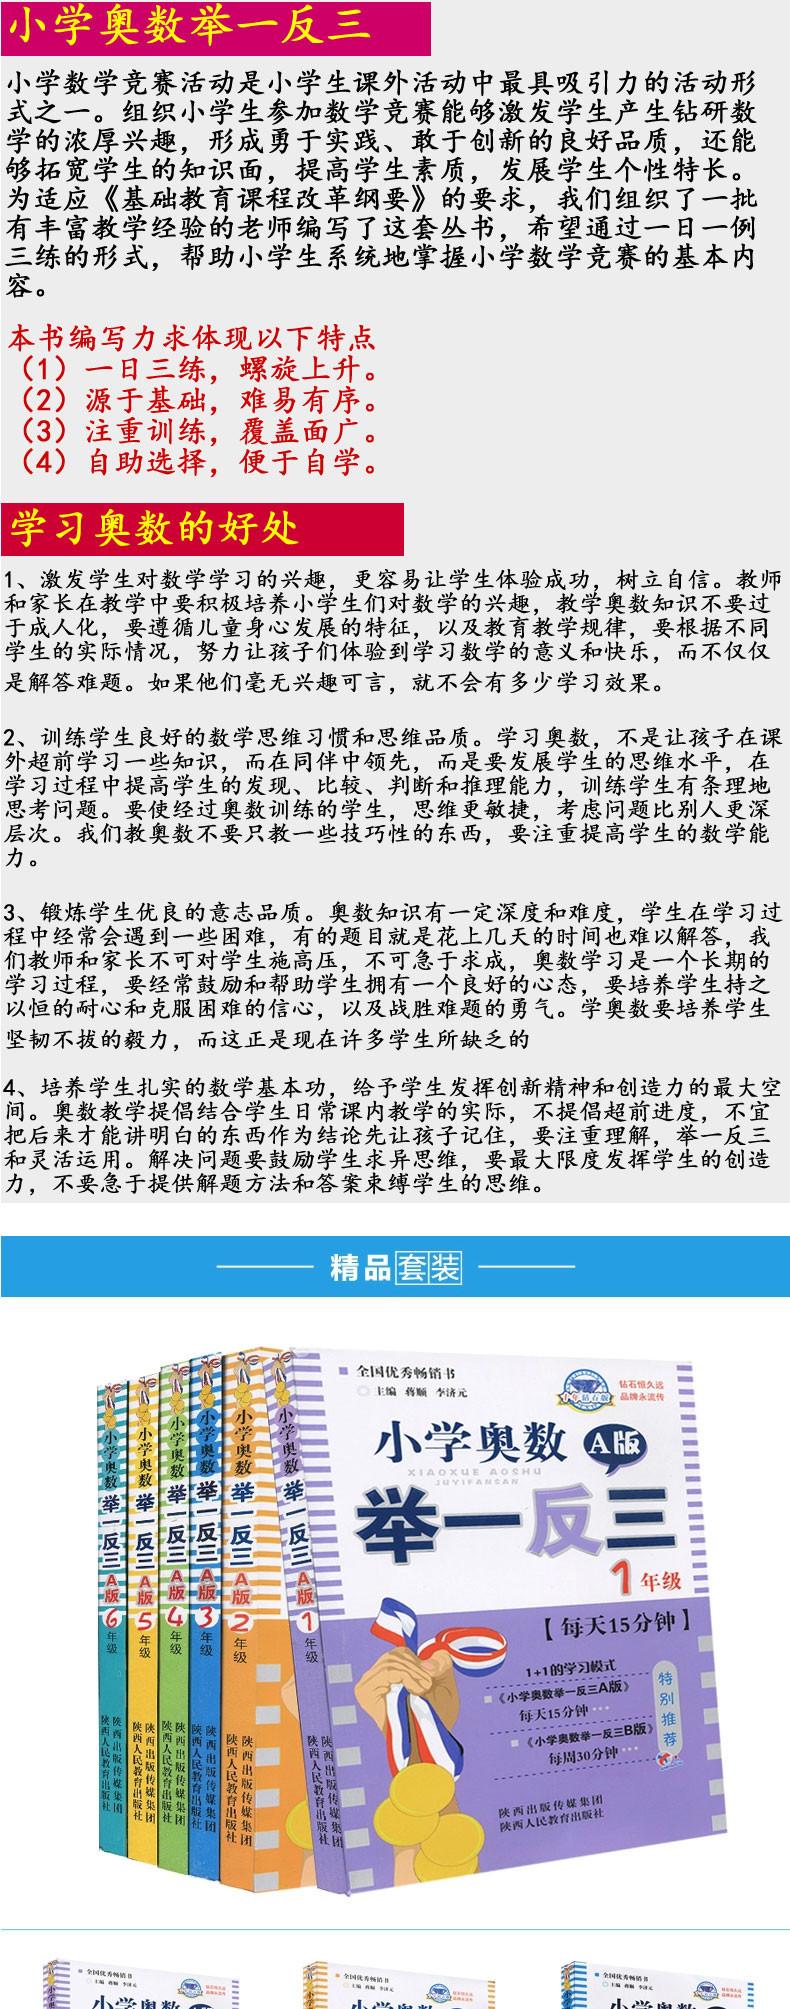 《小学奥数B版举一反三4年级一二三四五六年深圳校长v小学小学图片